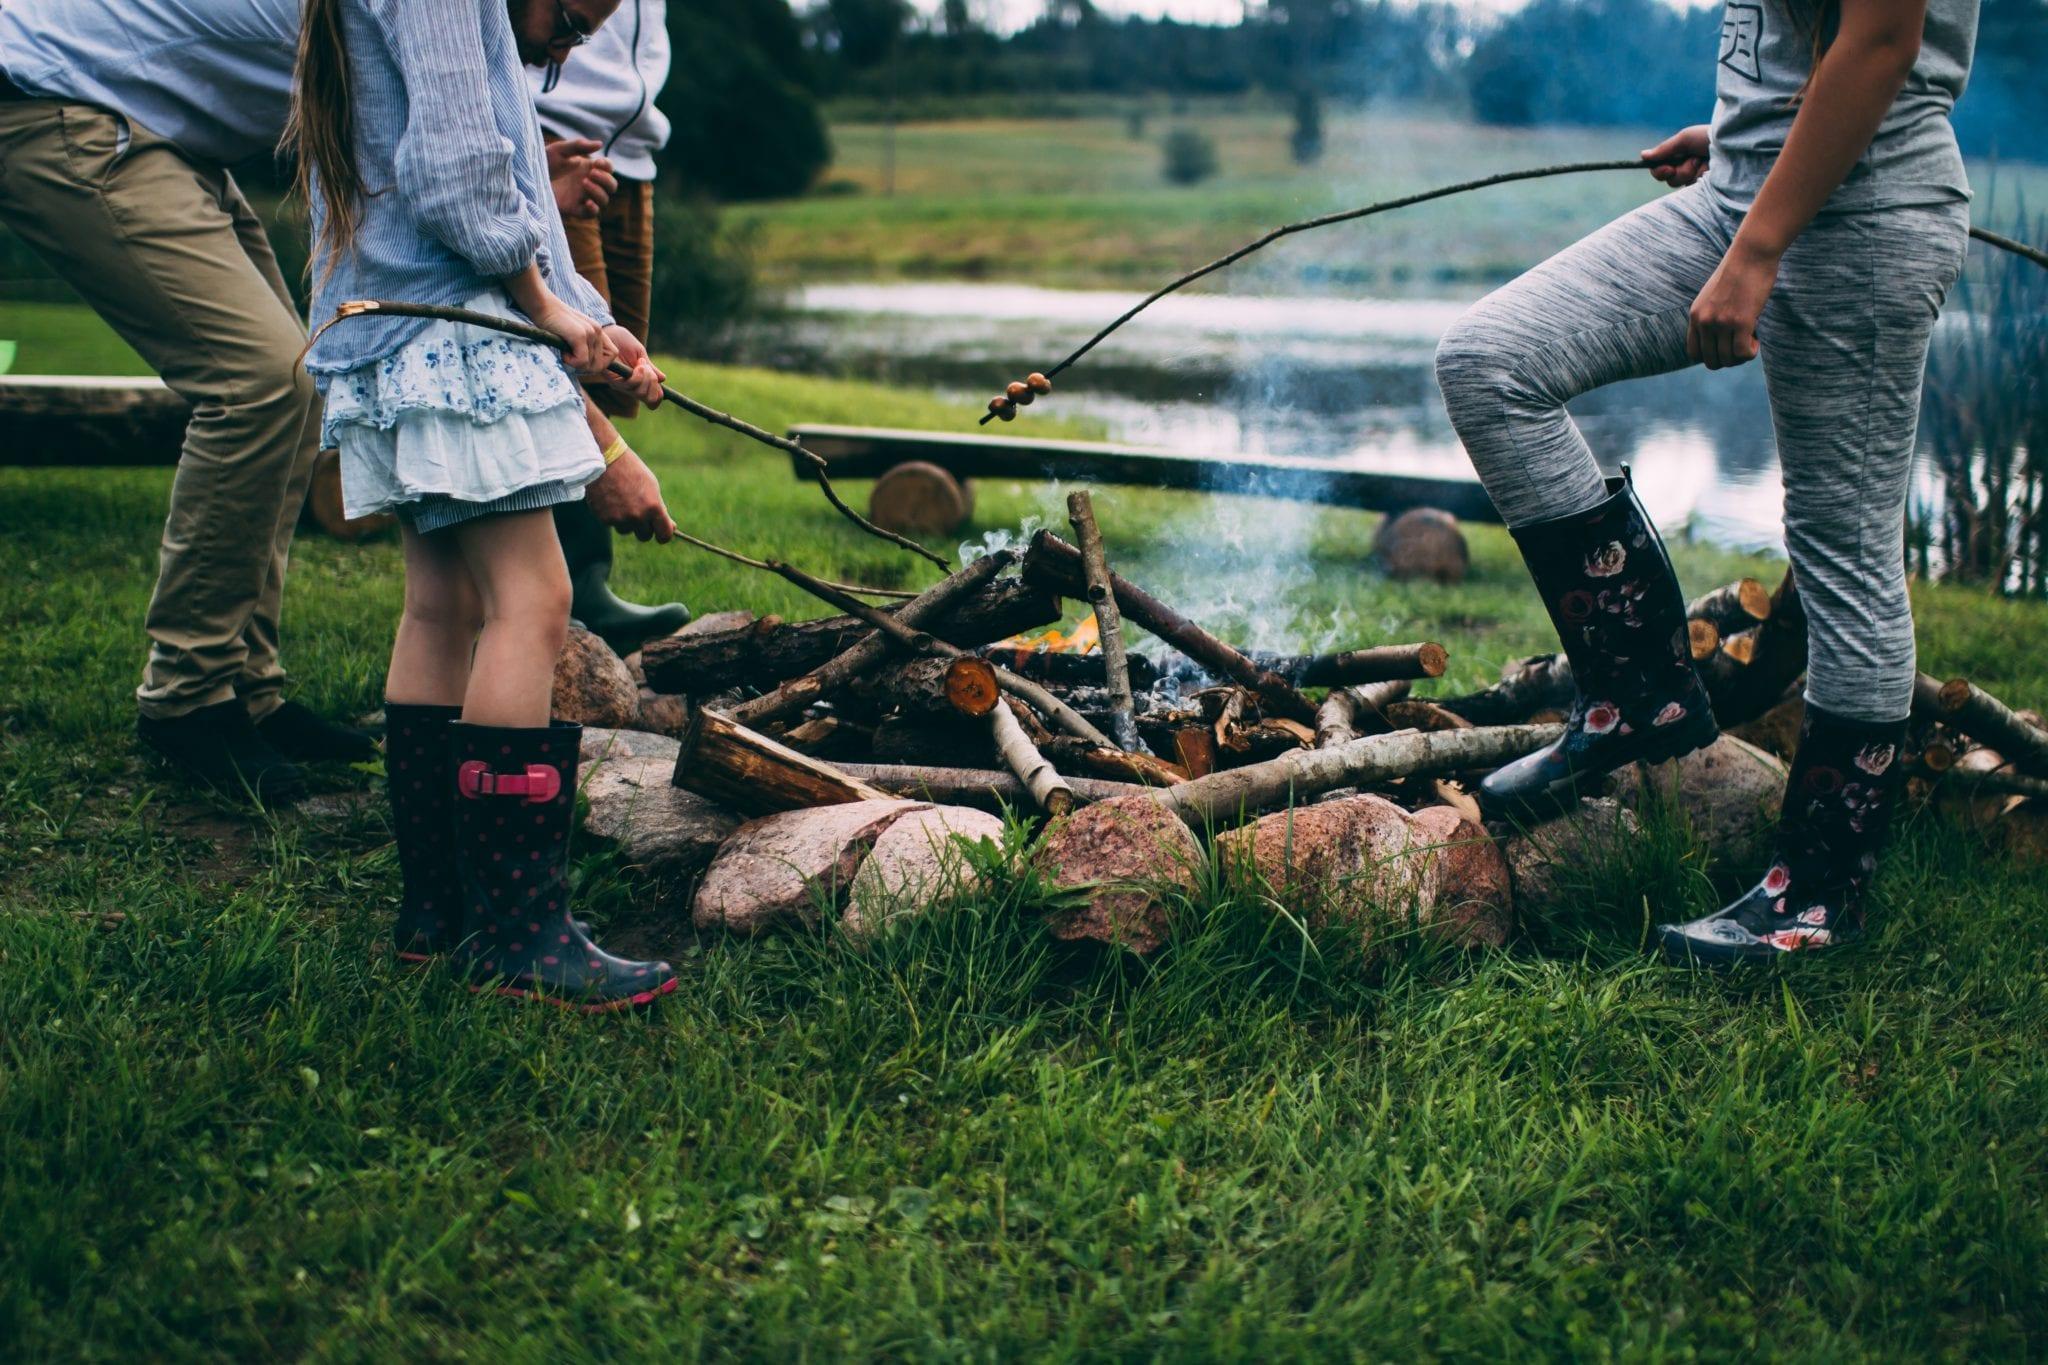 jedną z wiosennych aktywności może być ognisko ze znajomymi